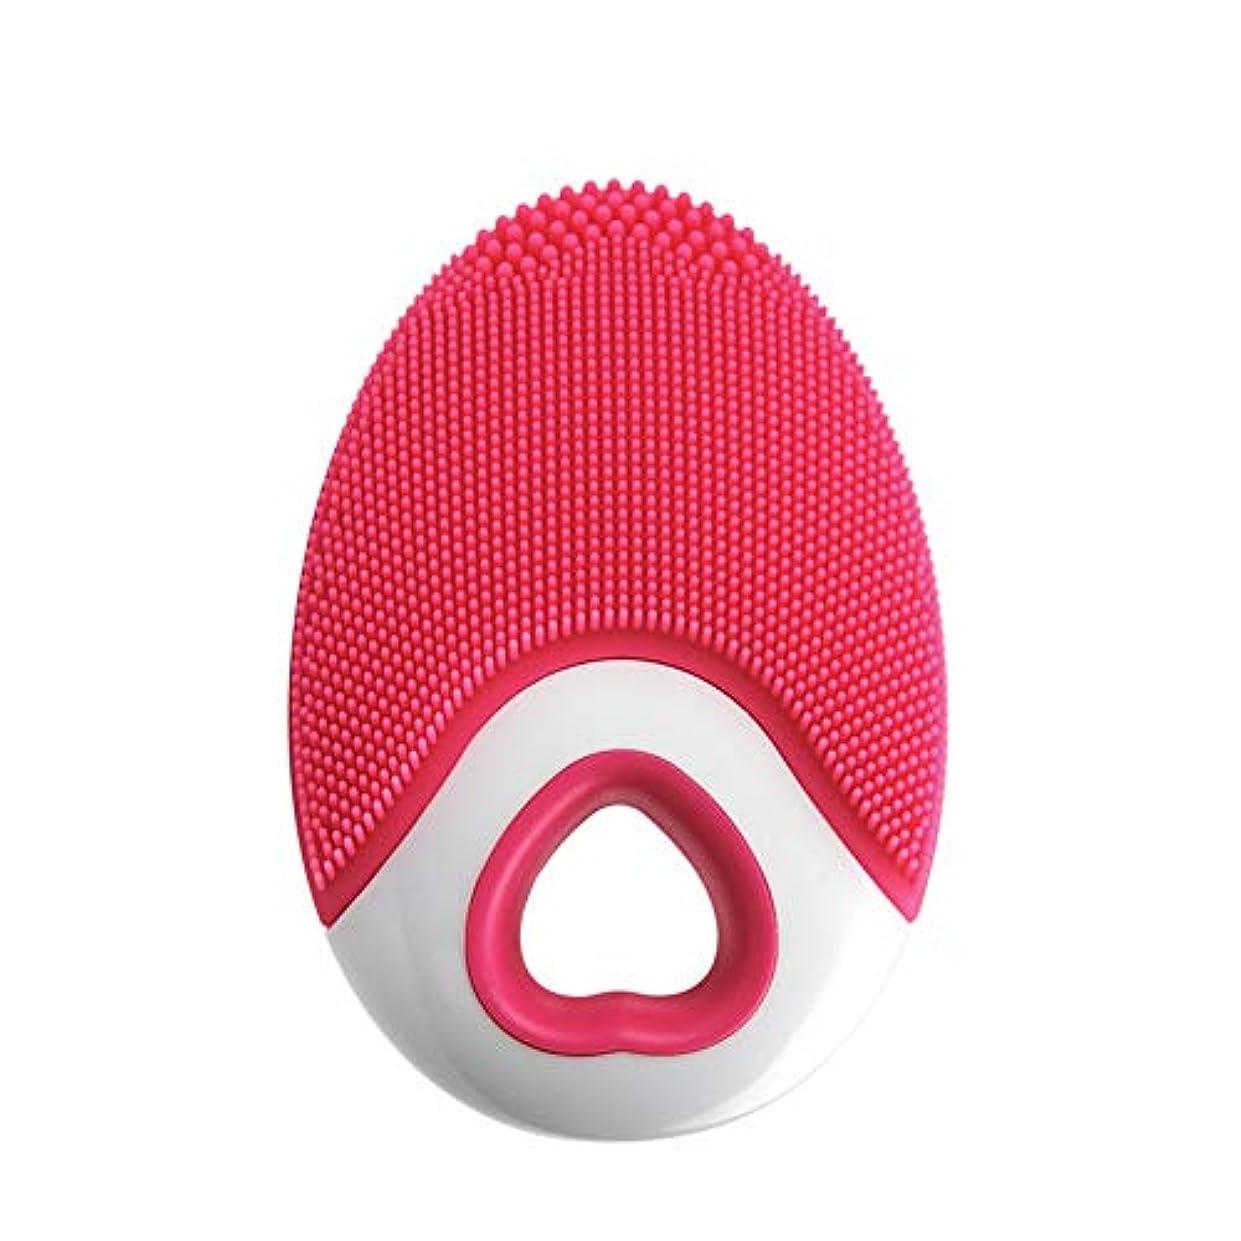 スパイラルハーネス事Funtoget   1ピースシリコンフェイスクレンザーブラシ超音波ディープクリーニング防水ワイヤレス充電